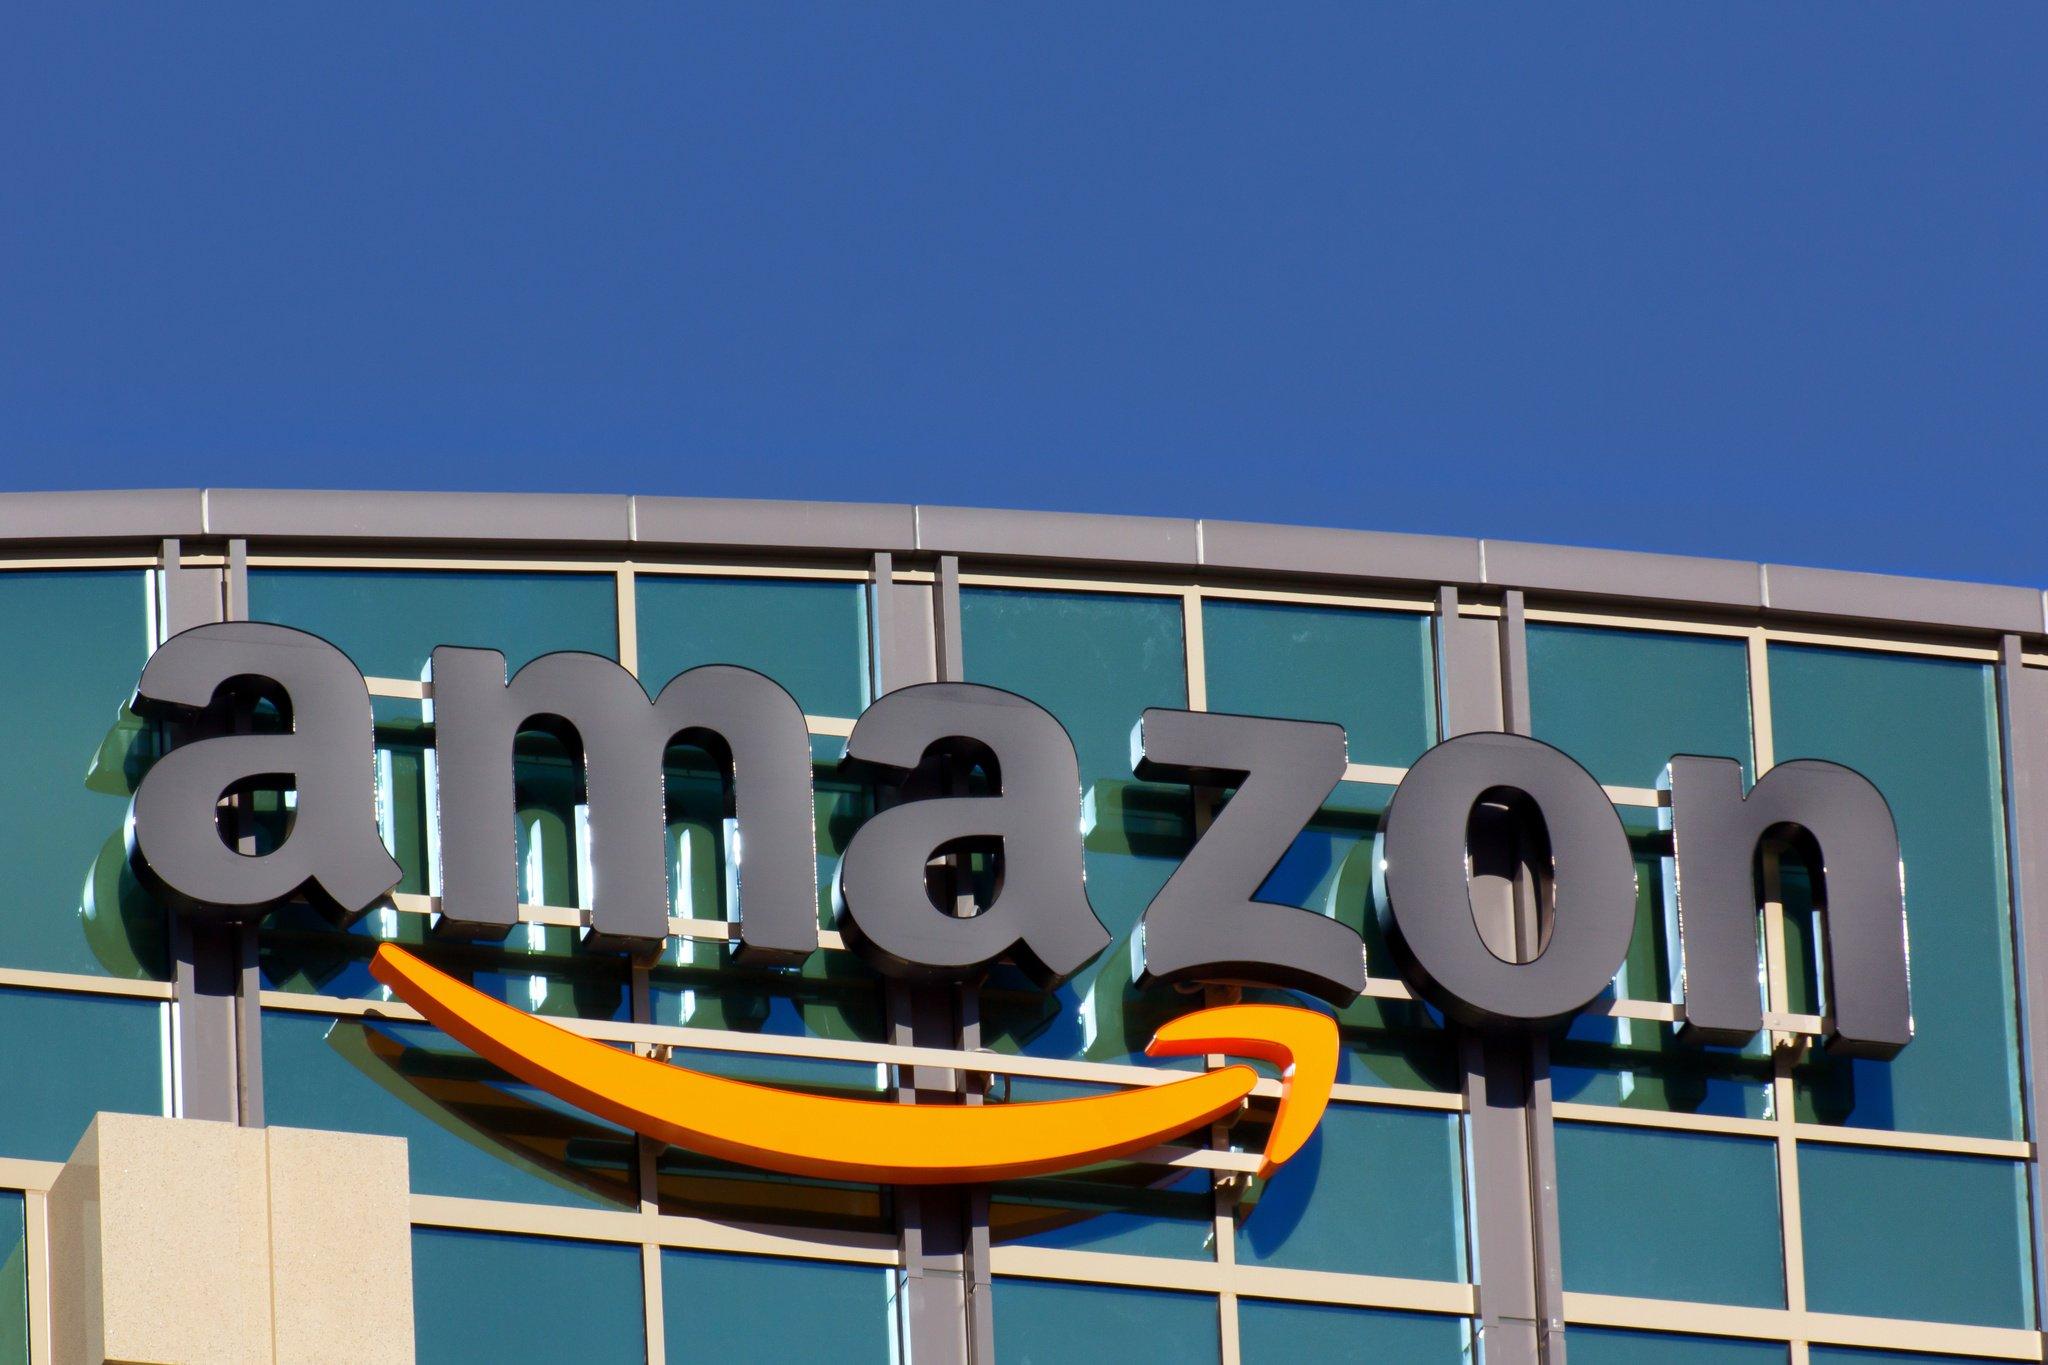 Druga siedziba Amazona też znajdzie się w Pacific Northwest? Firma nie wyklucza